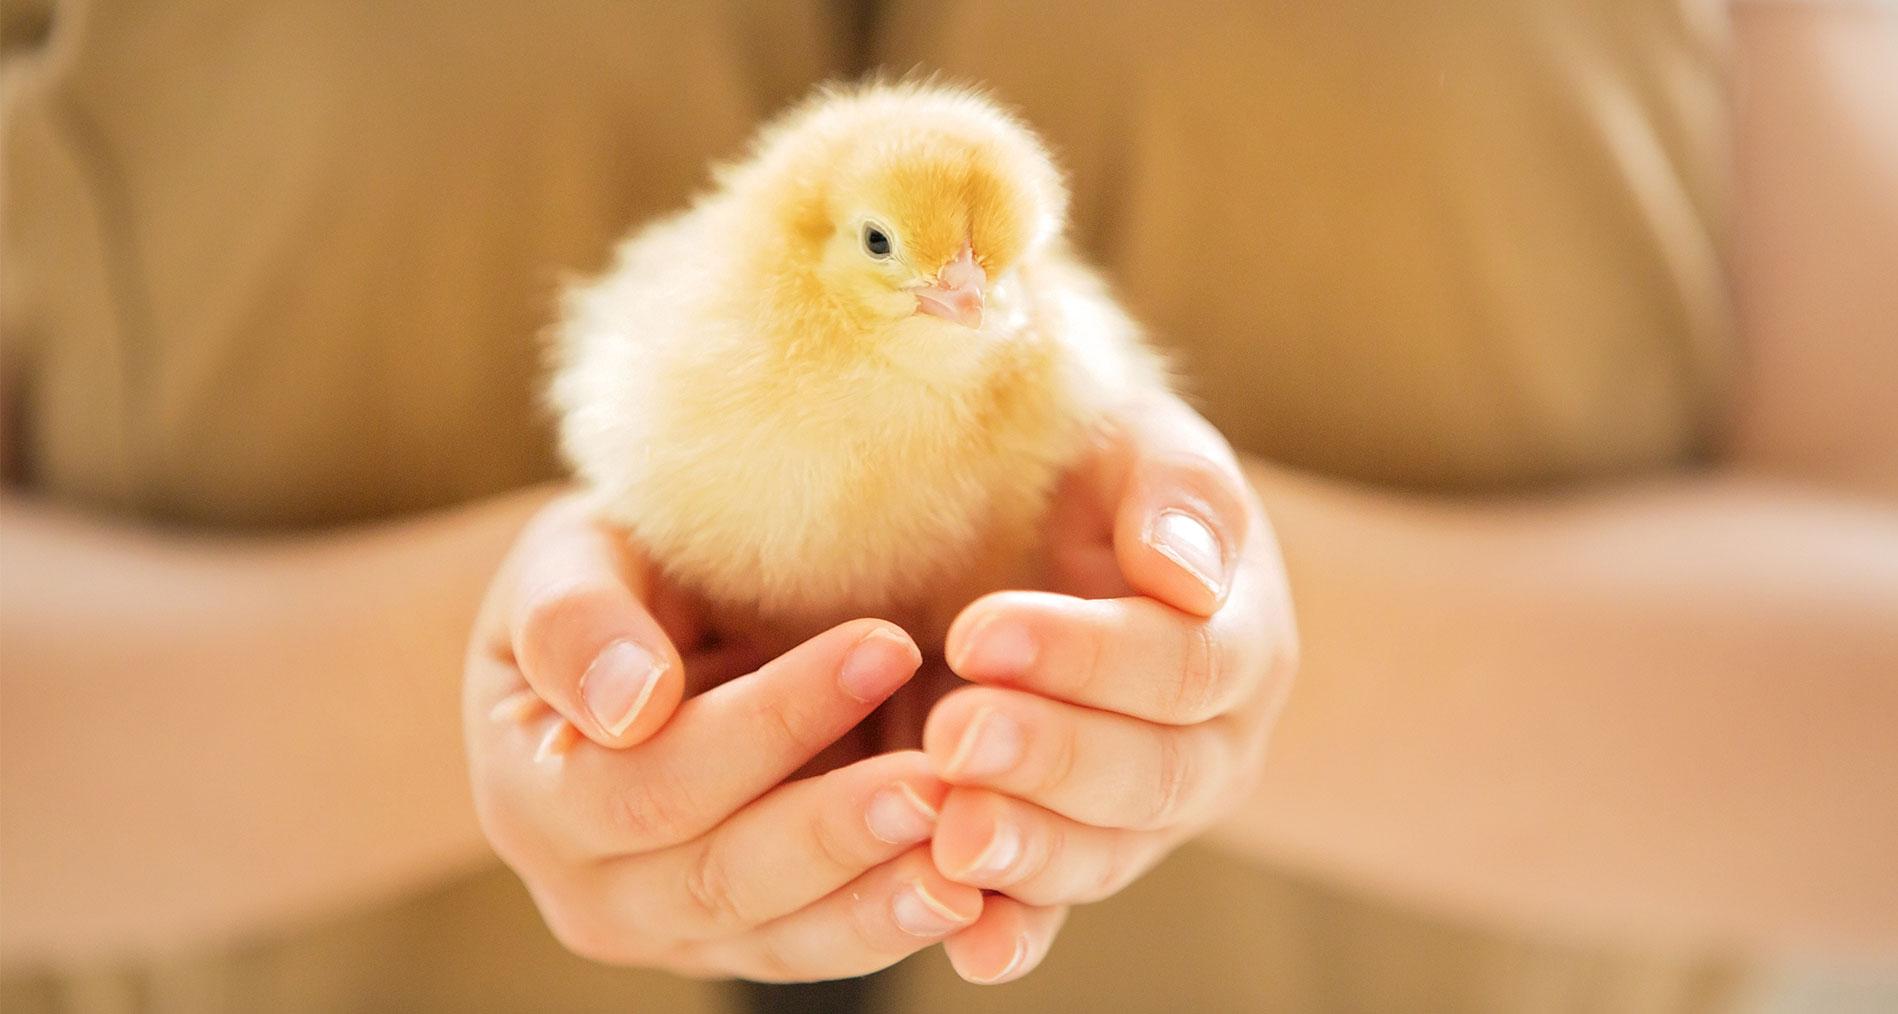 Dall'uovo al pulcino